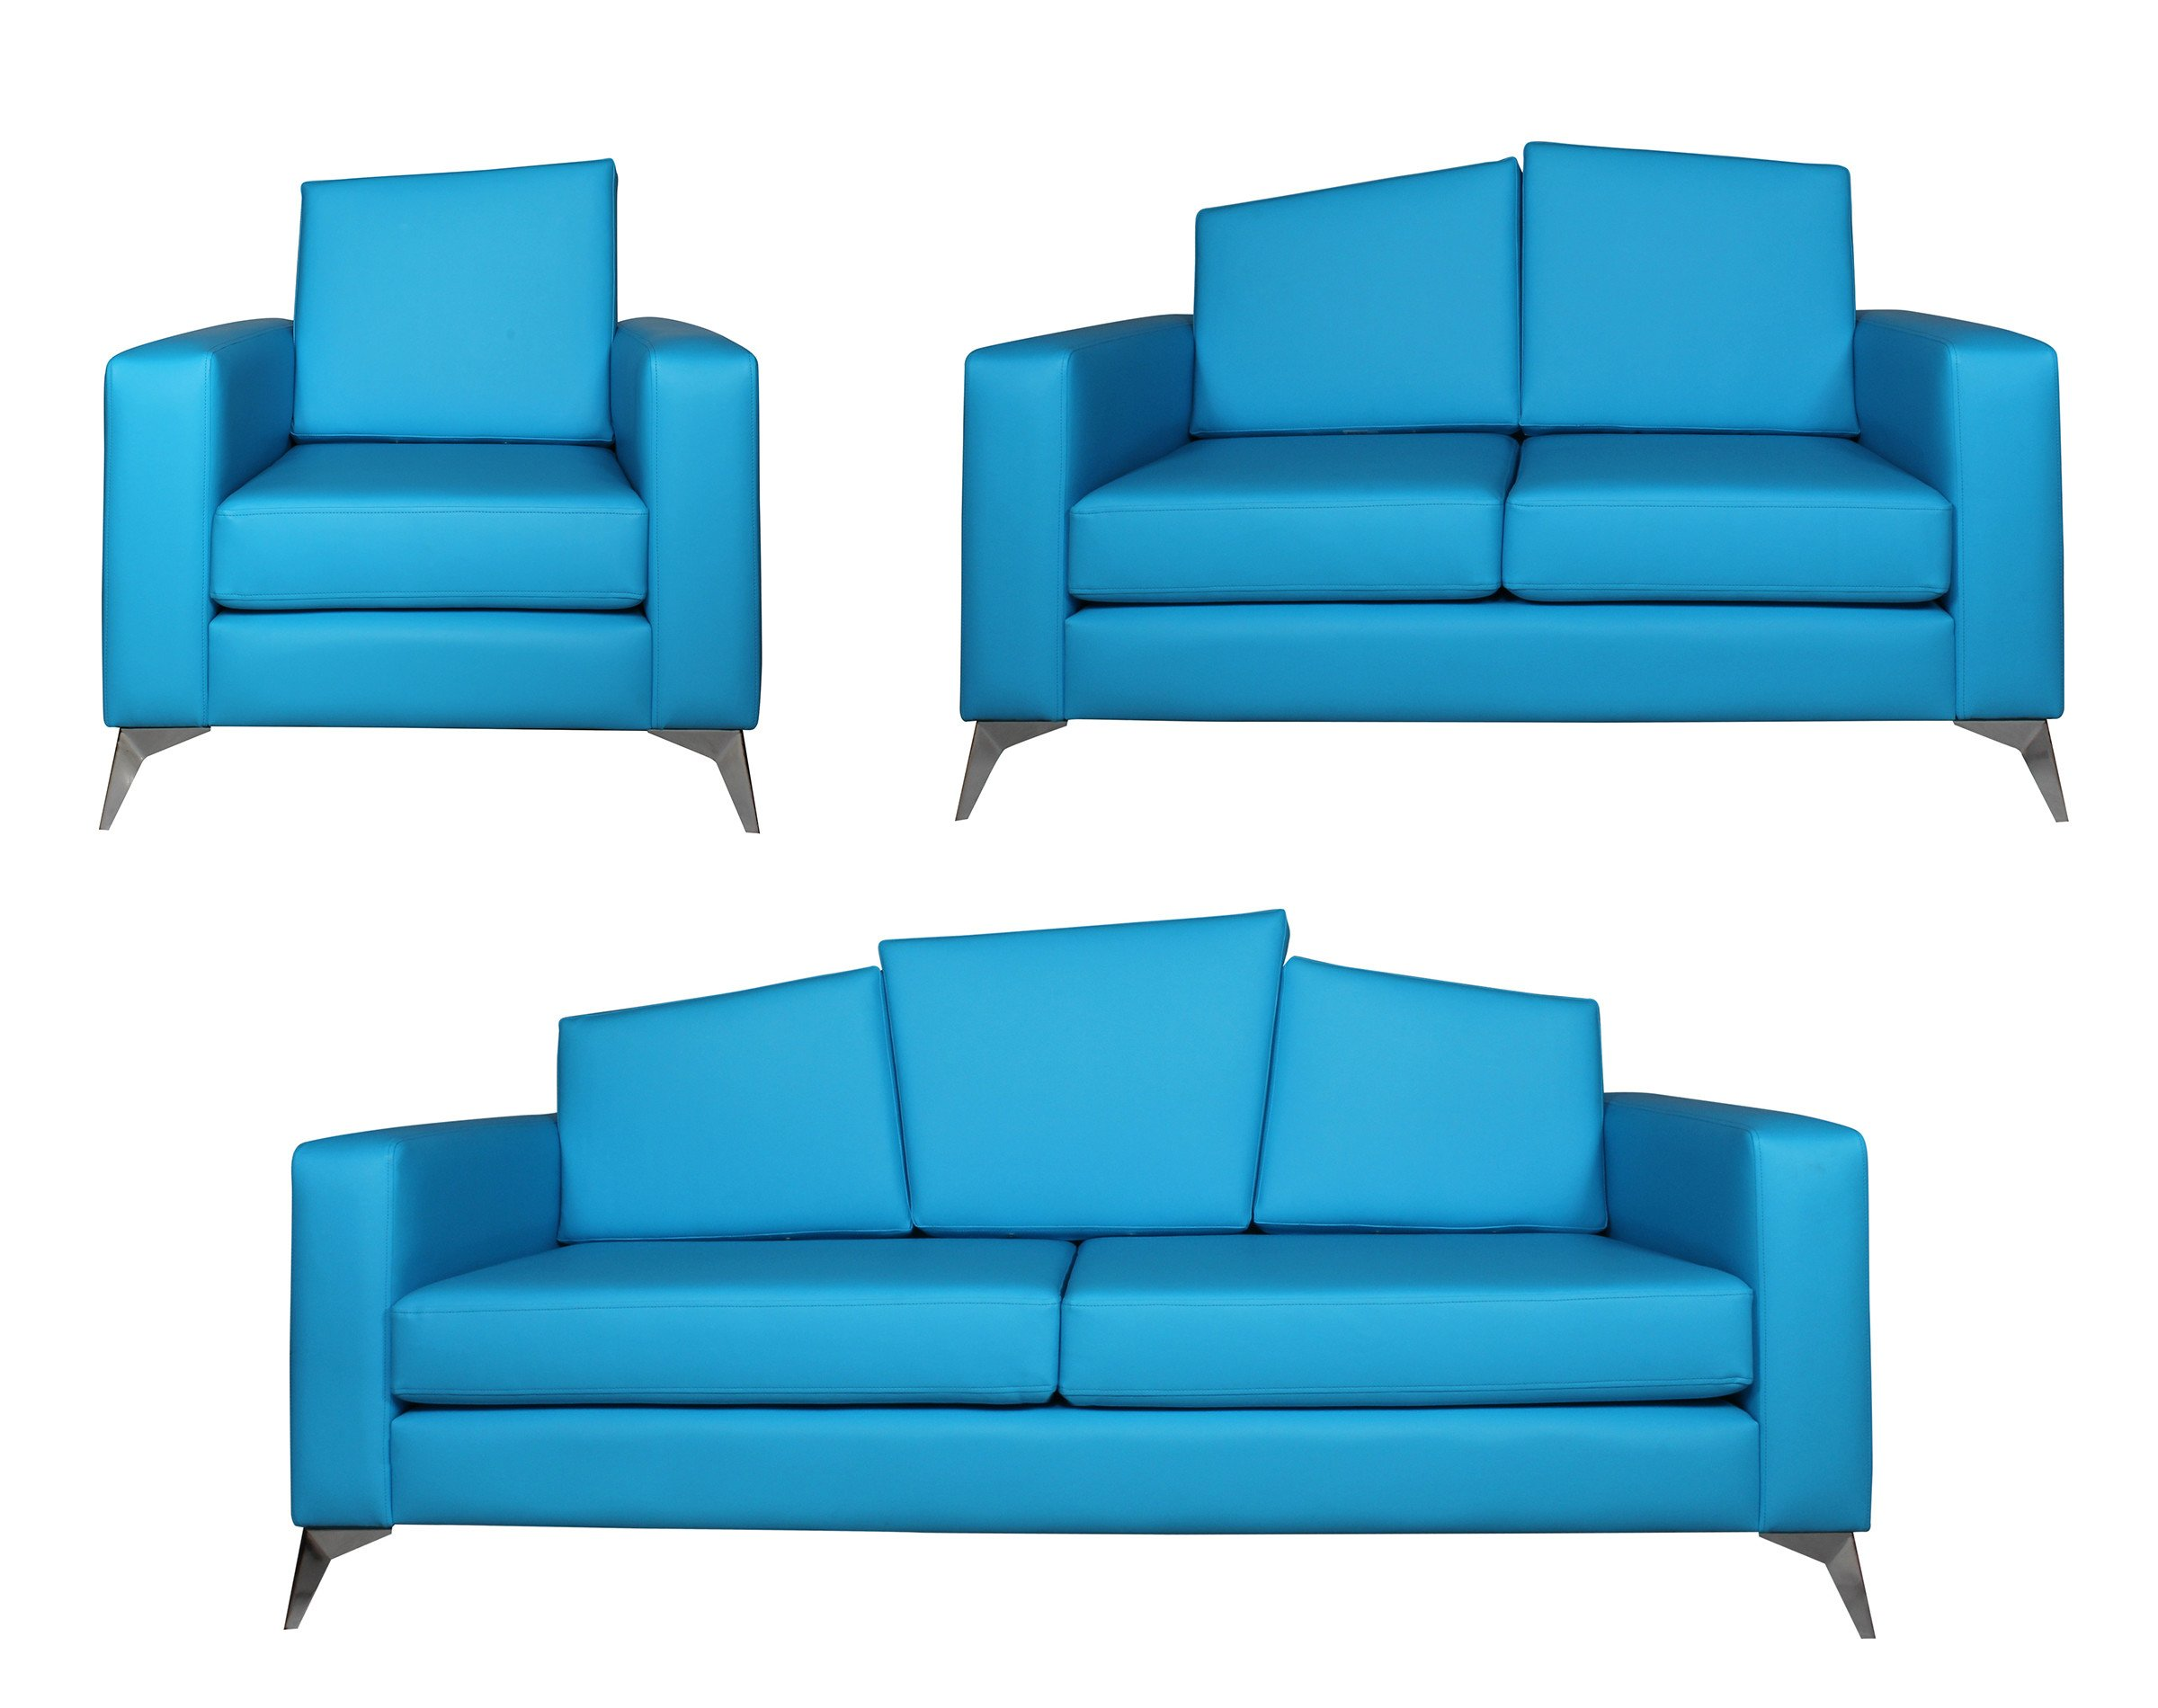 Set de sofás corporativos en cuero sintético